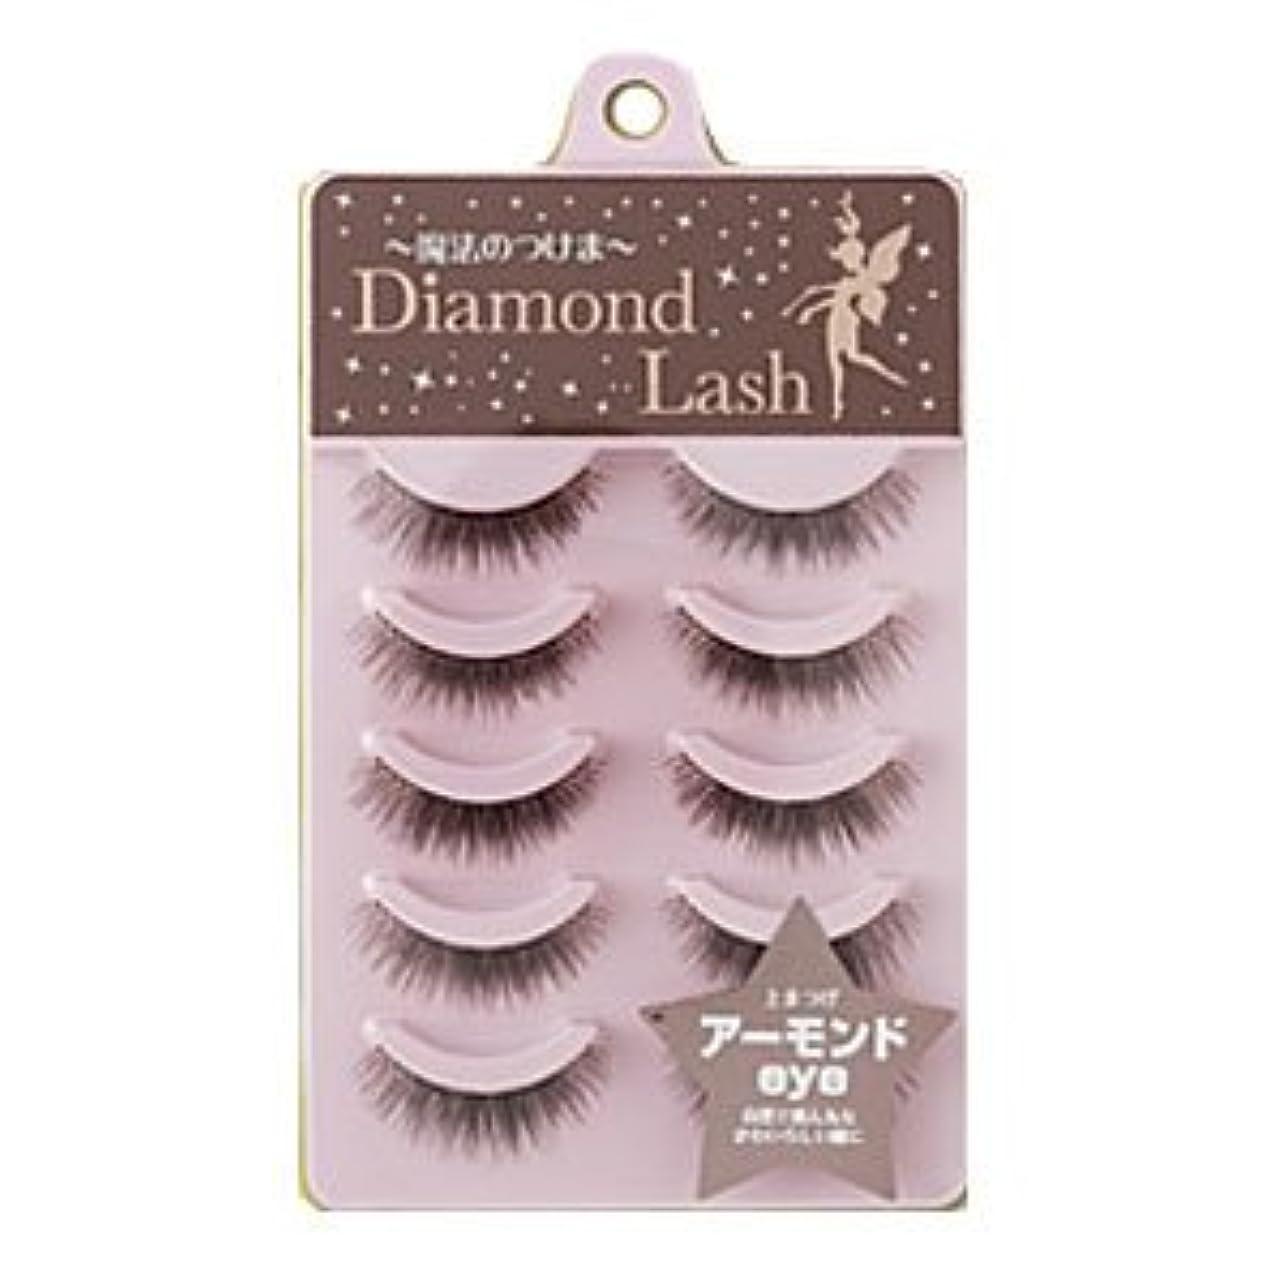 自分の黙認する好きダイヤモンドラッシュ Diamond Lash つけまつげ リッチブラウンシリーズ アーモンドeye